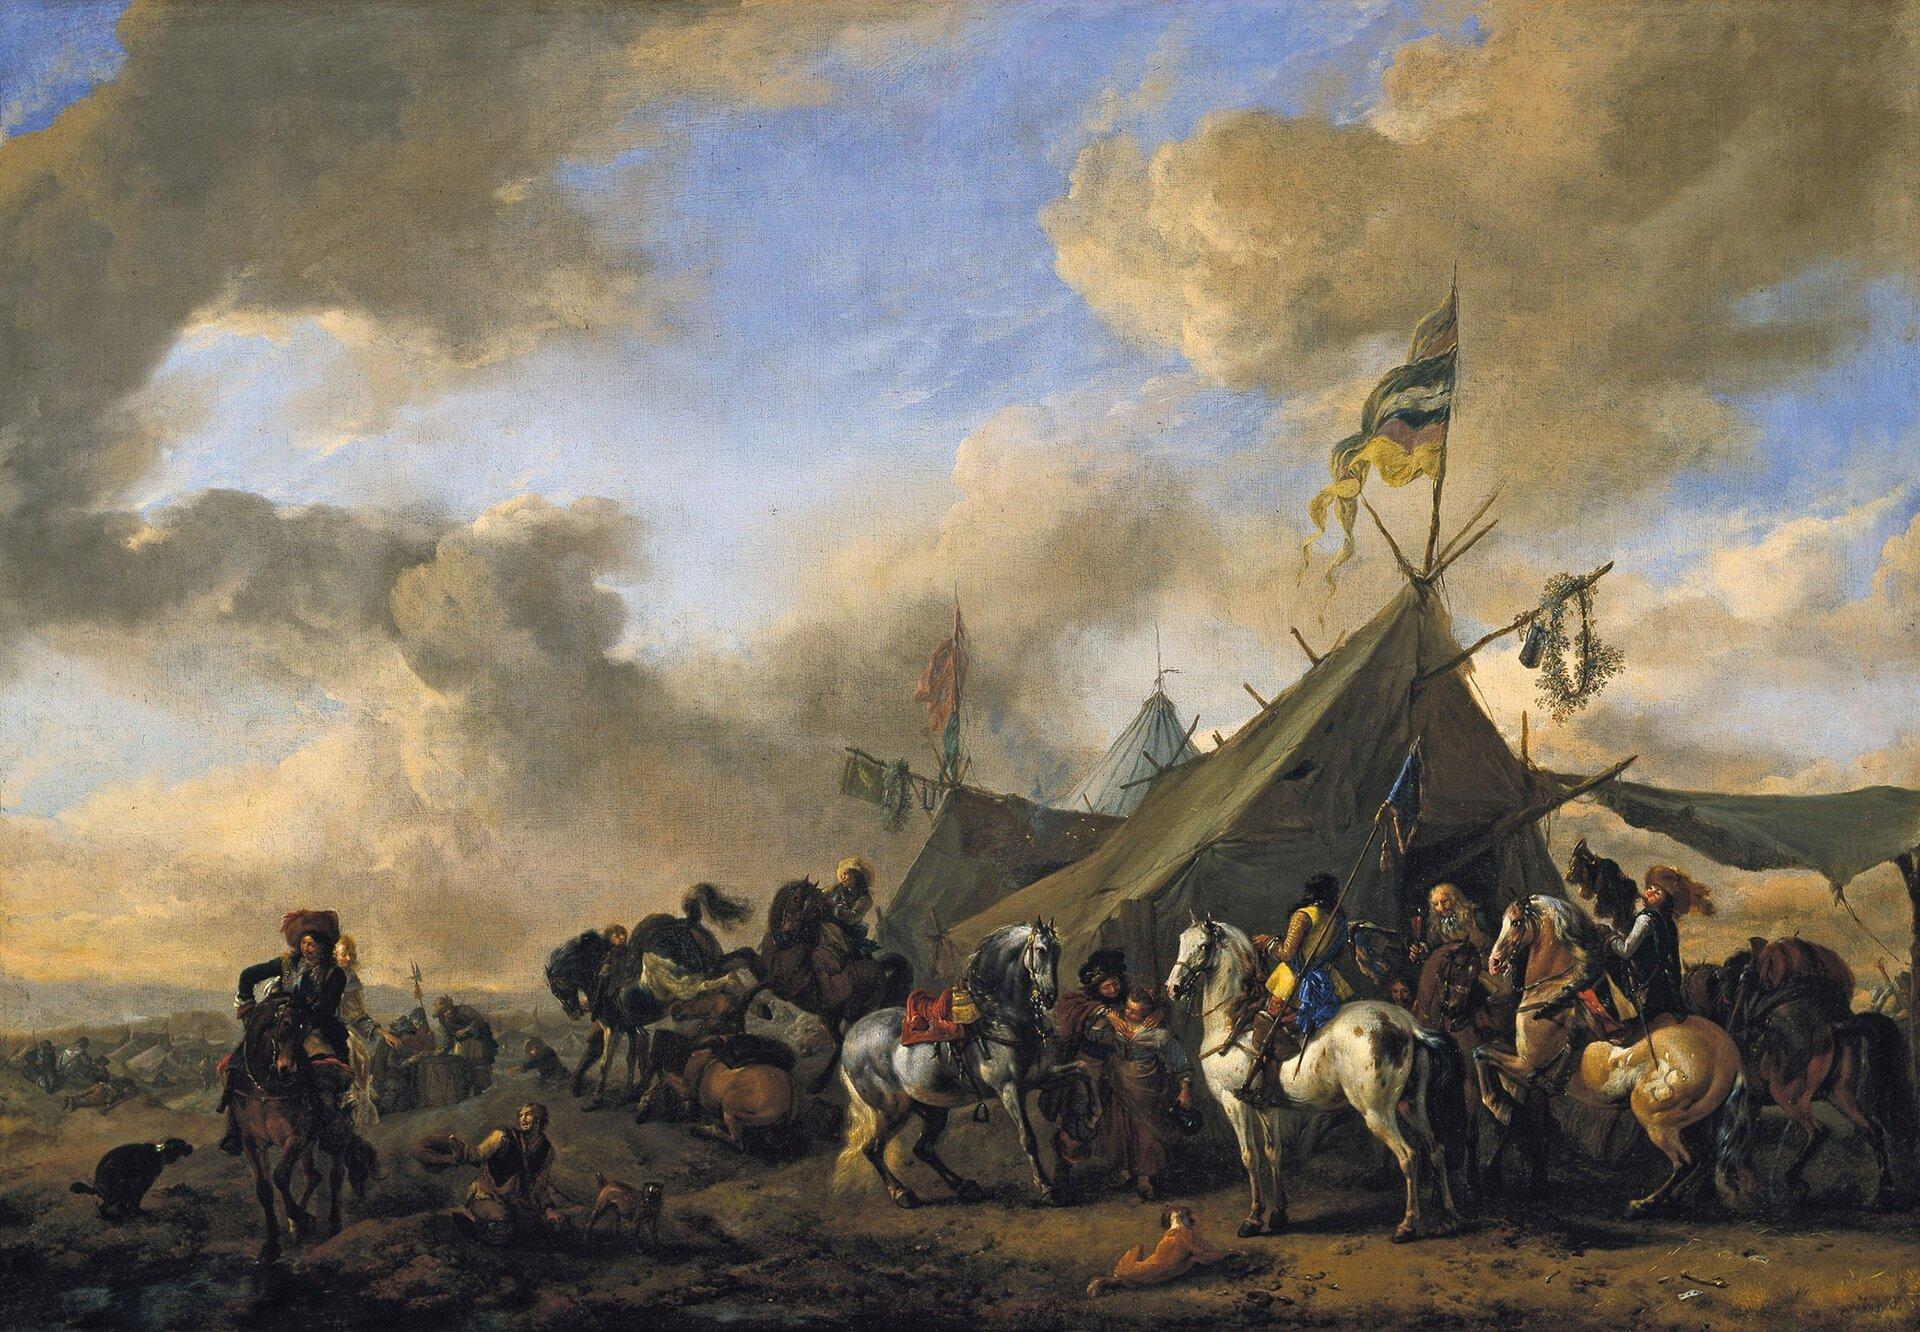 """Zdjęcie przedstawia obraz Philipsa Wouwermana pt. """"Obóz wojskowy"""". Wouwerman to holenderski malarz barokowy. Na pierwszym planie ukazani są mężczyźni, którzy siedzą na koniach. Za nimi ukazany jest obóz, gdzie rozstawione są namioty."""